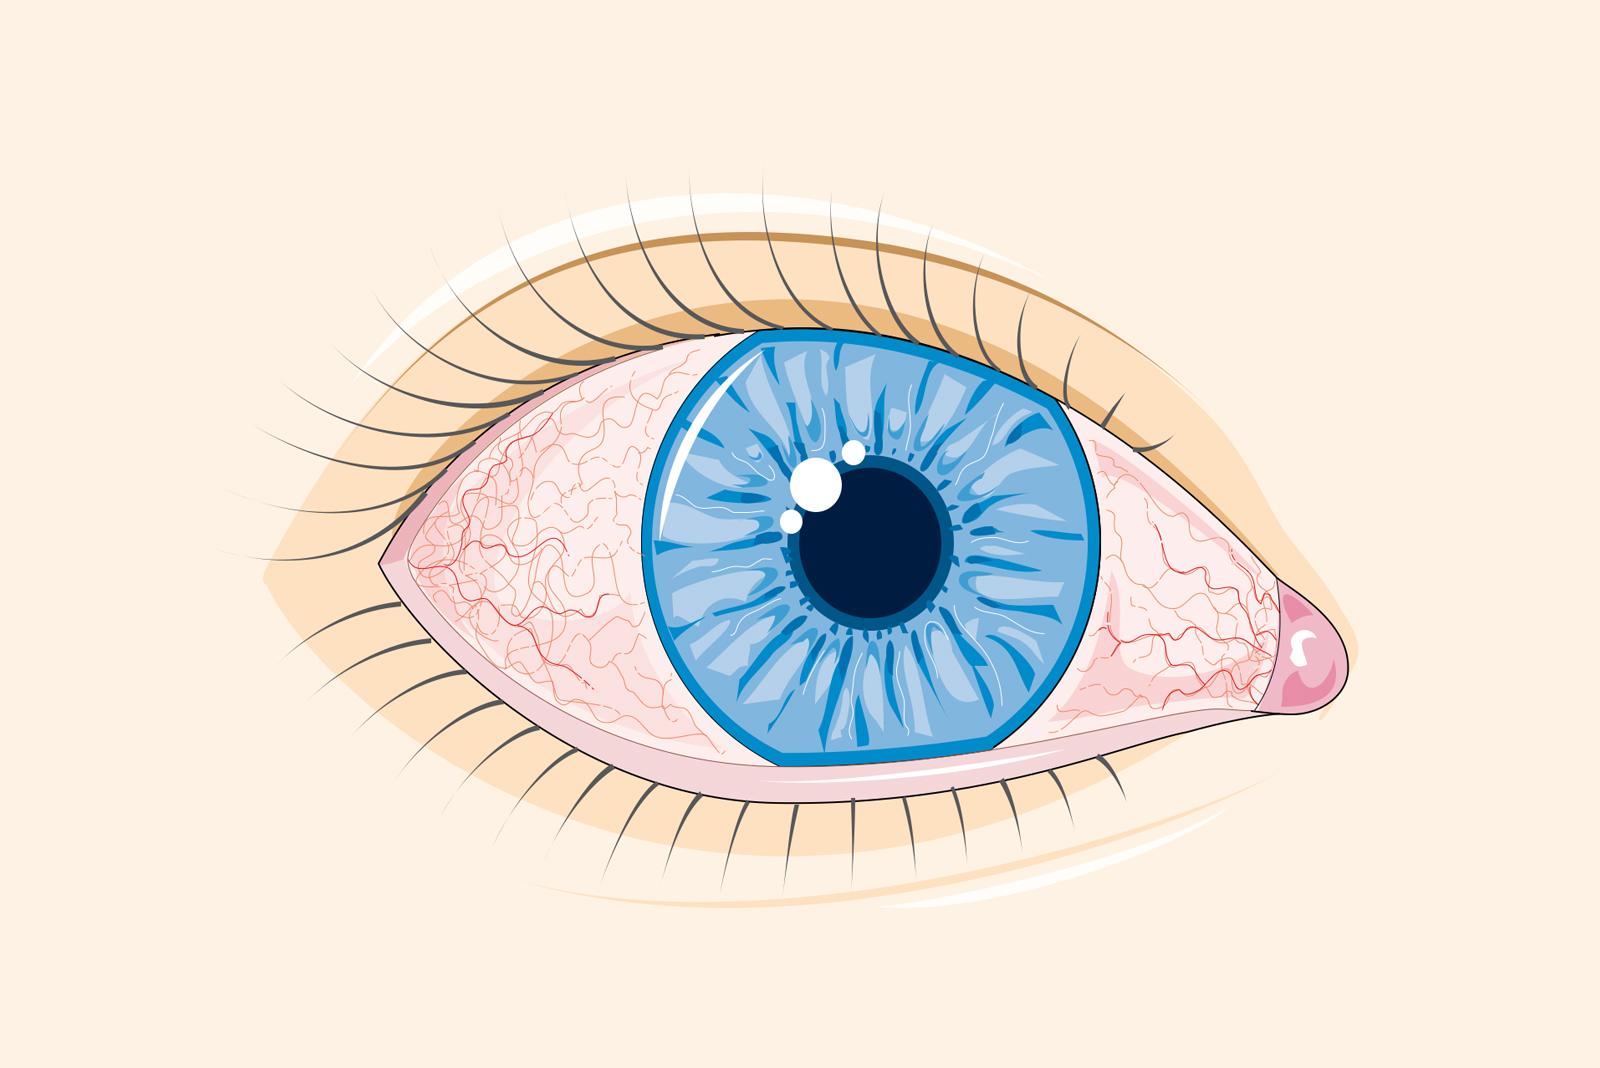 vederea este bună, dar ochii obosesc